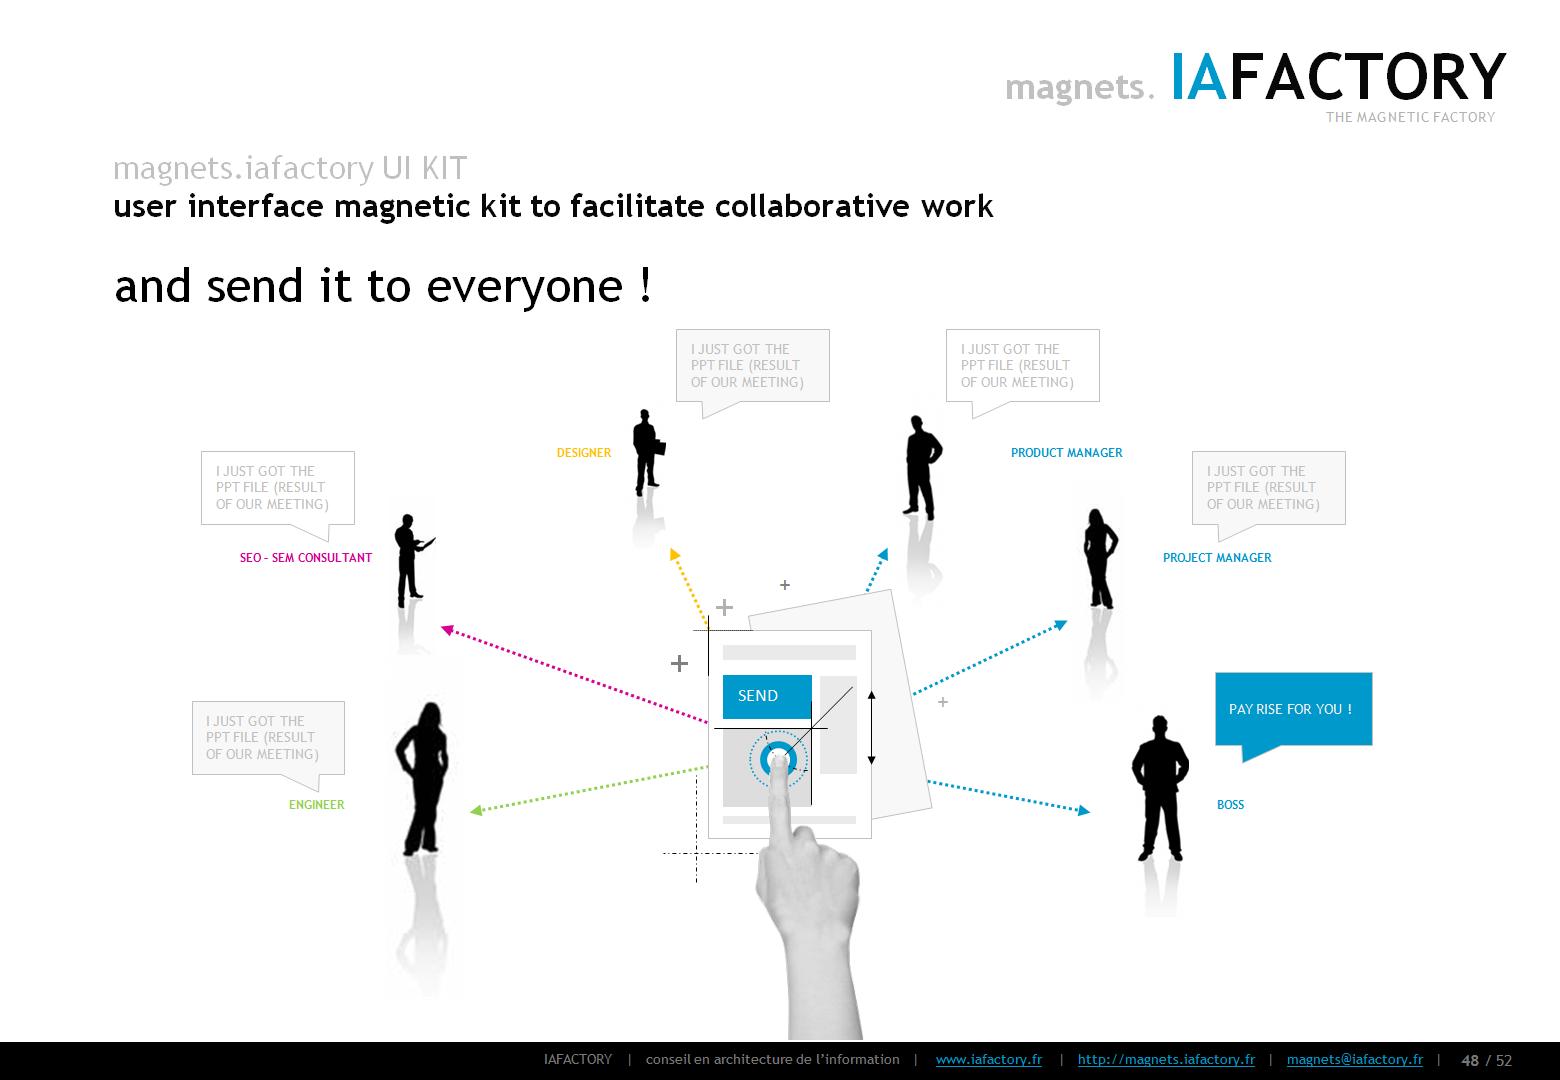 magnets.iafactory (interface utilisateur magnétique) concept 09